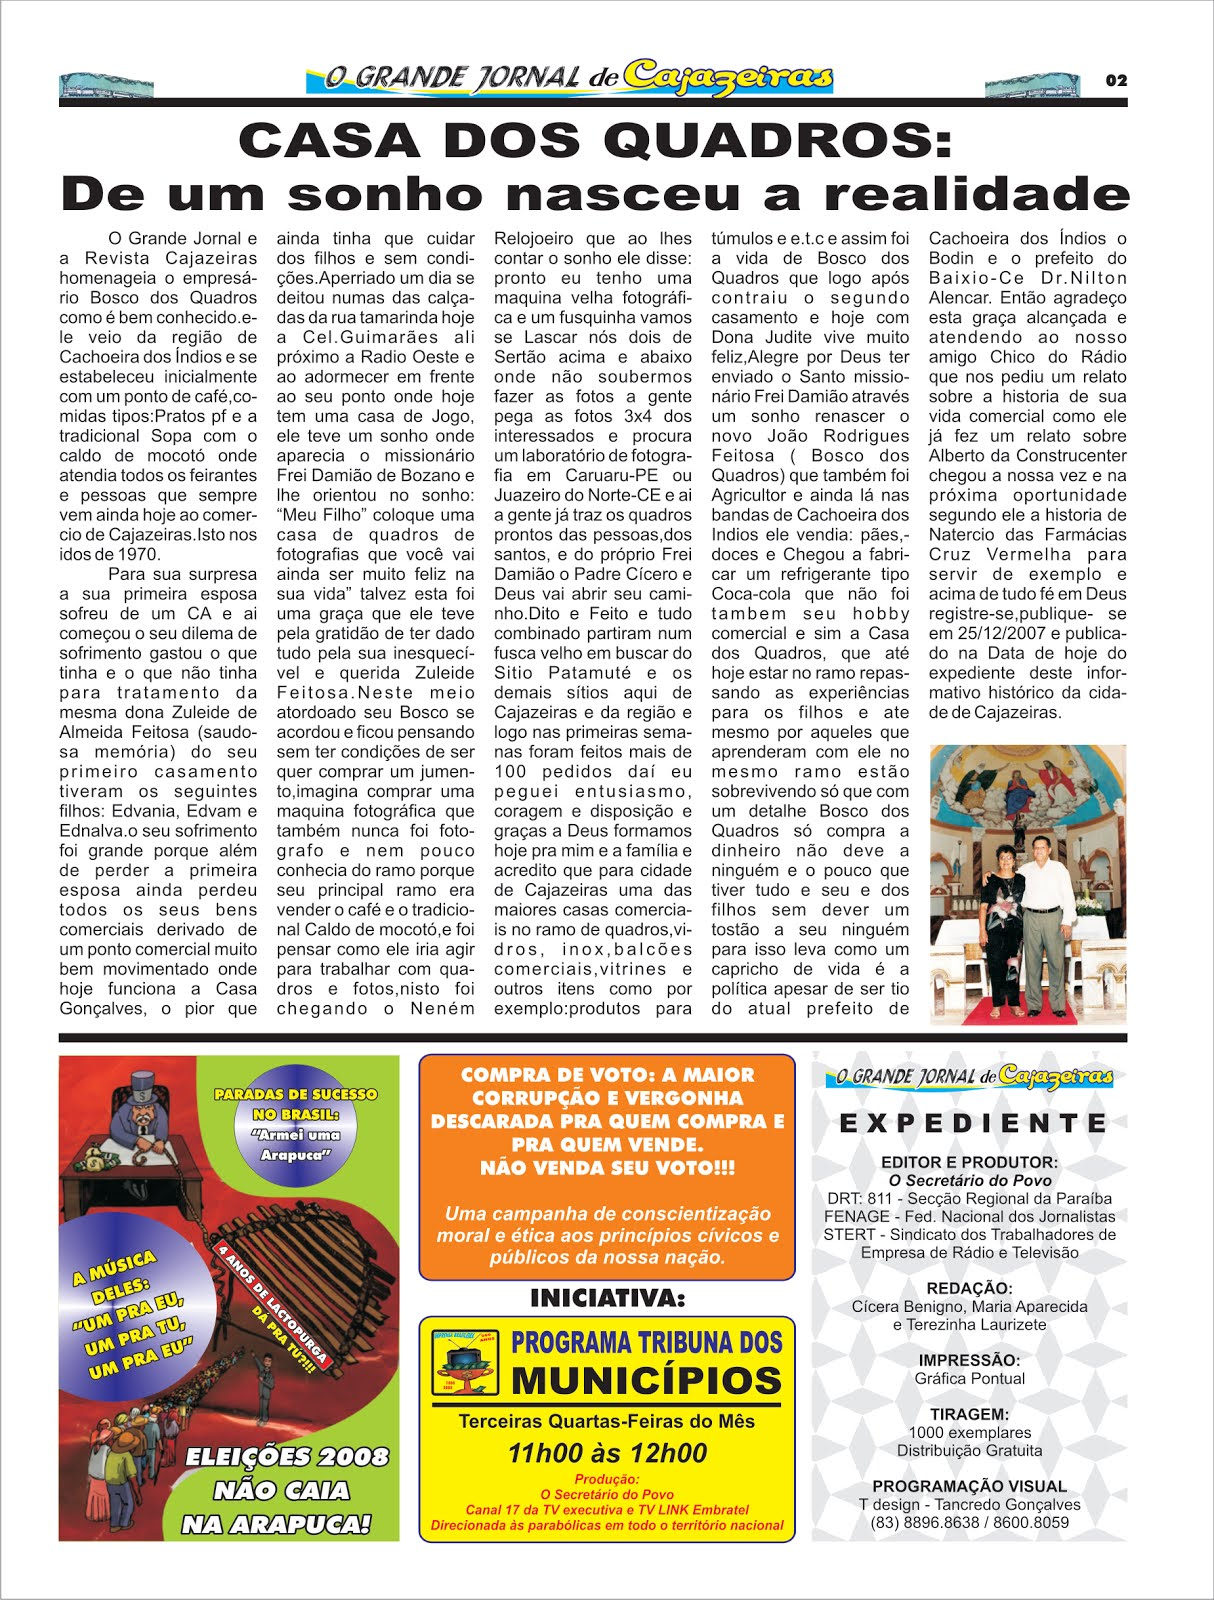 GRANDE JORNAL DE CAJAZEIRAS  FEZ  UMA HOMENAGEM A UM EMPRESARIO DO COMERCIO DE CAJAZEIRAS PB